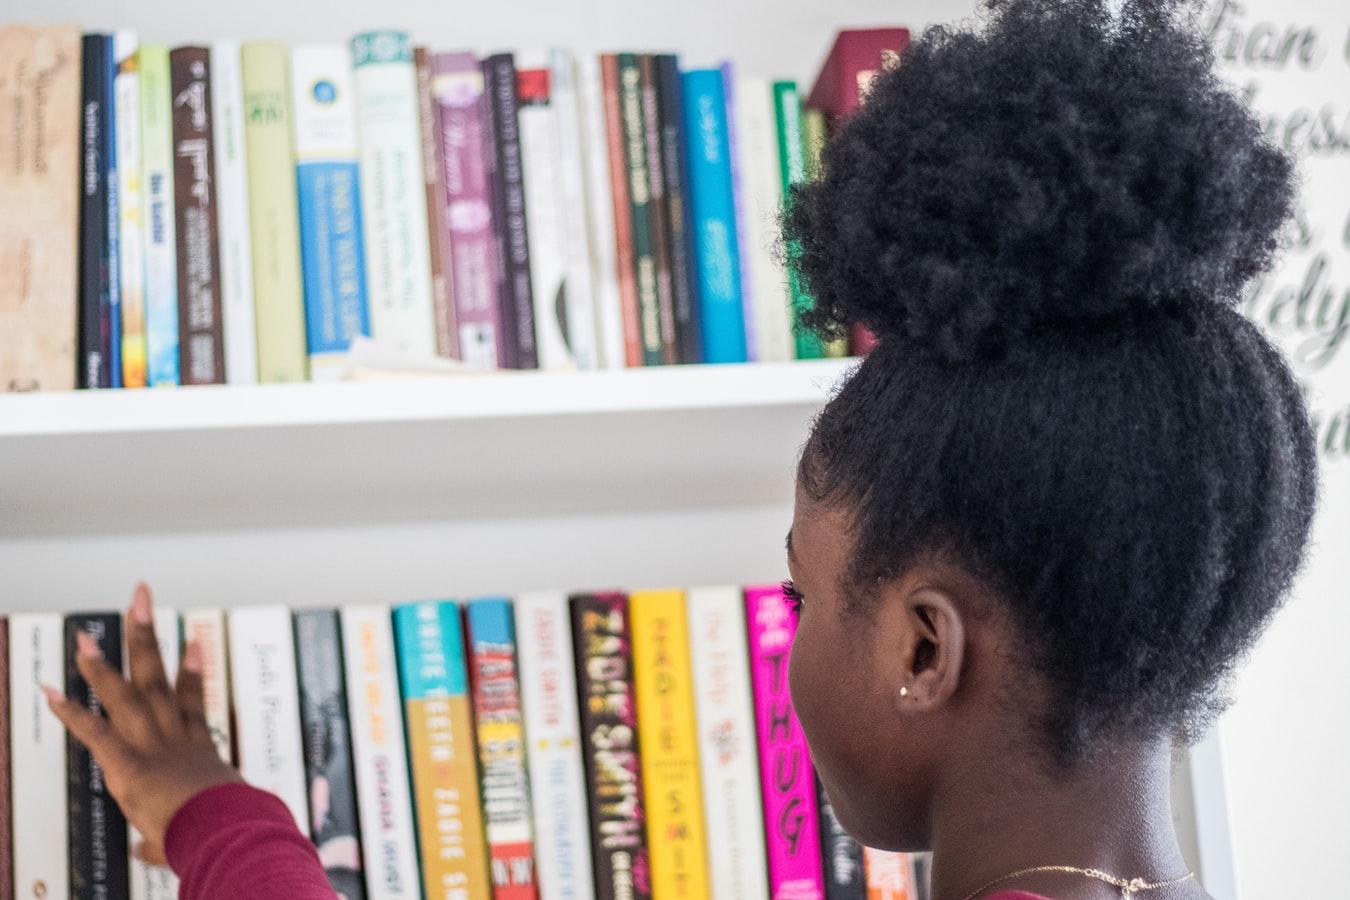 Uma garota pegando livro na estante